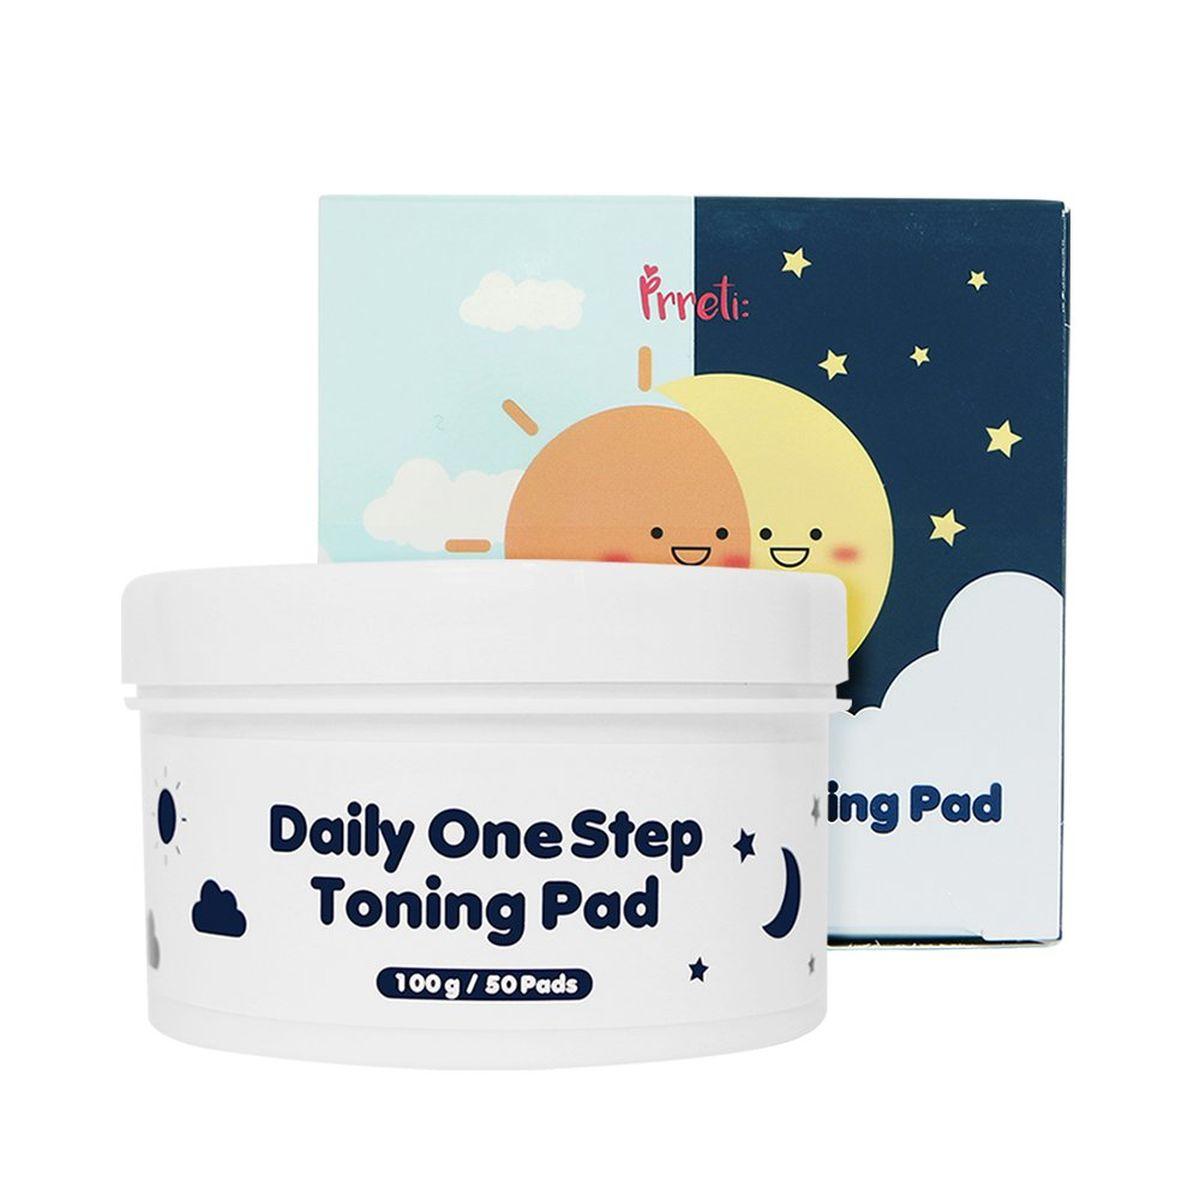 Очищающие пэды для лица PRRETI Daily One Step Toning Pad - 50 шт